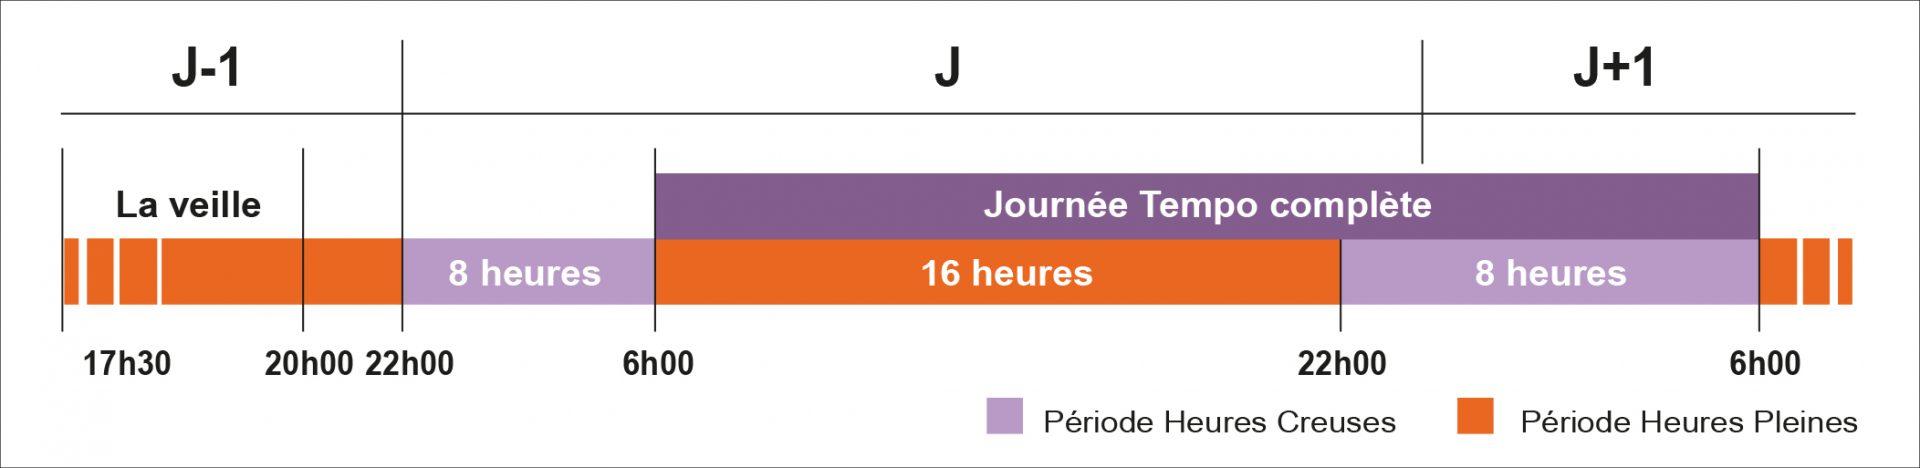 Journee_Tempo